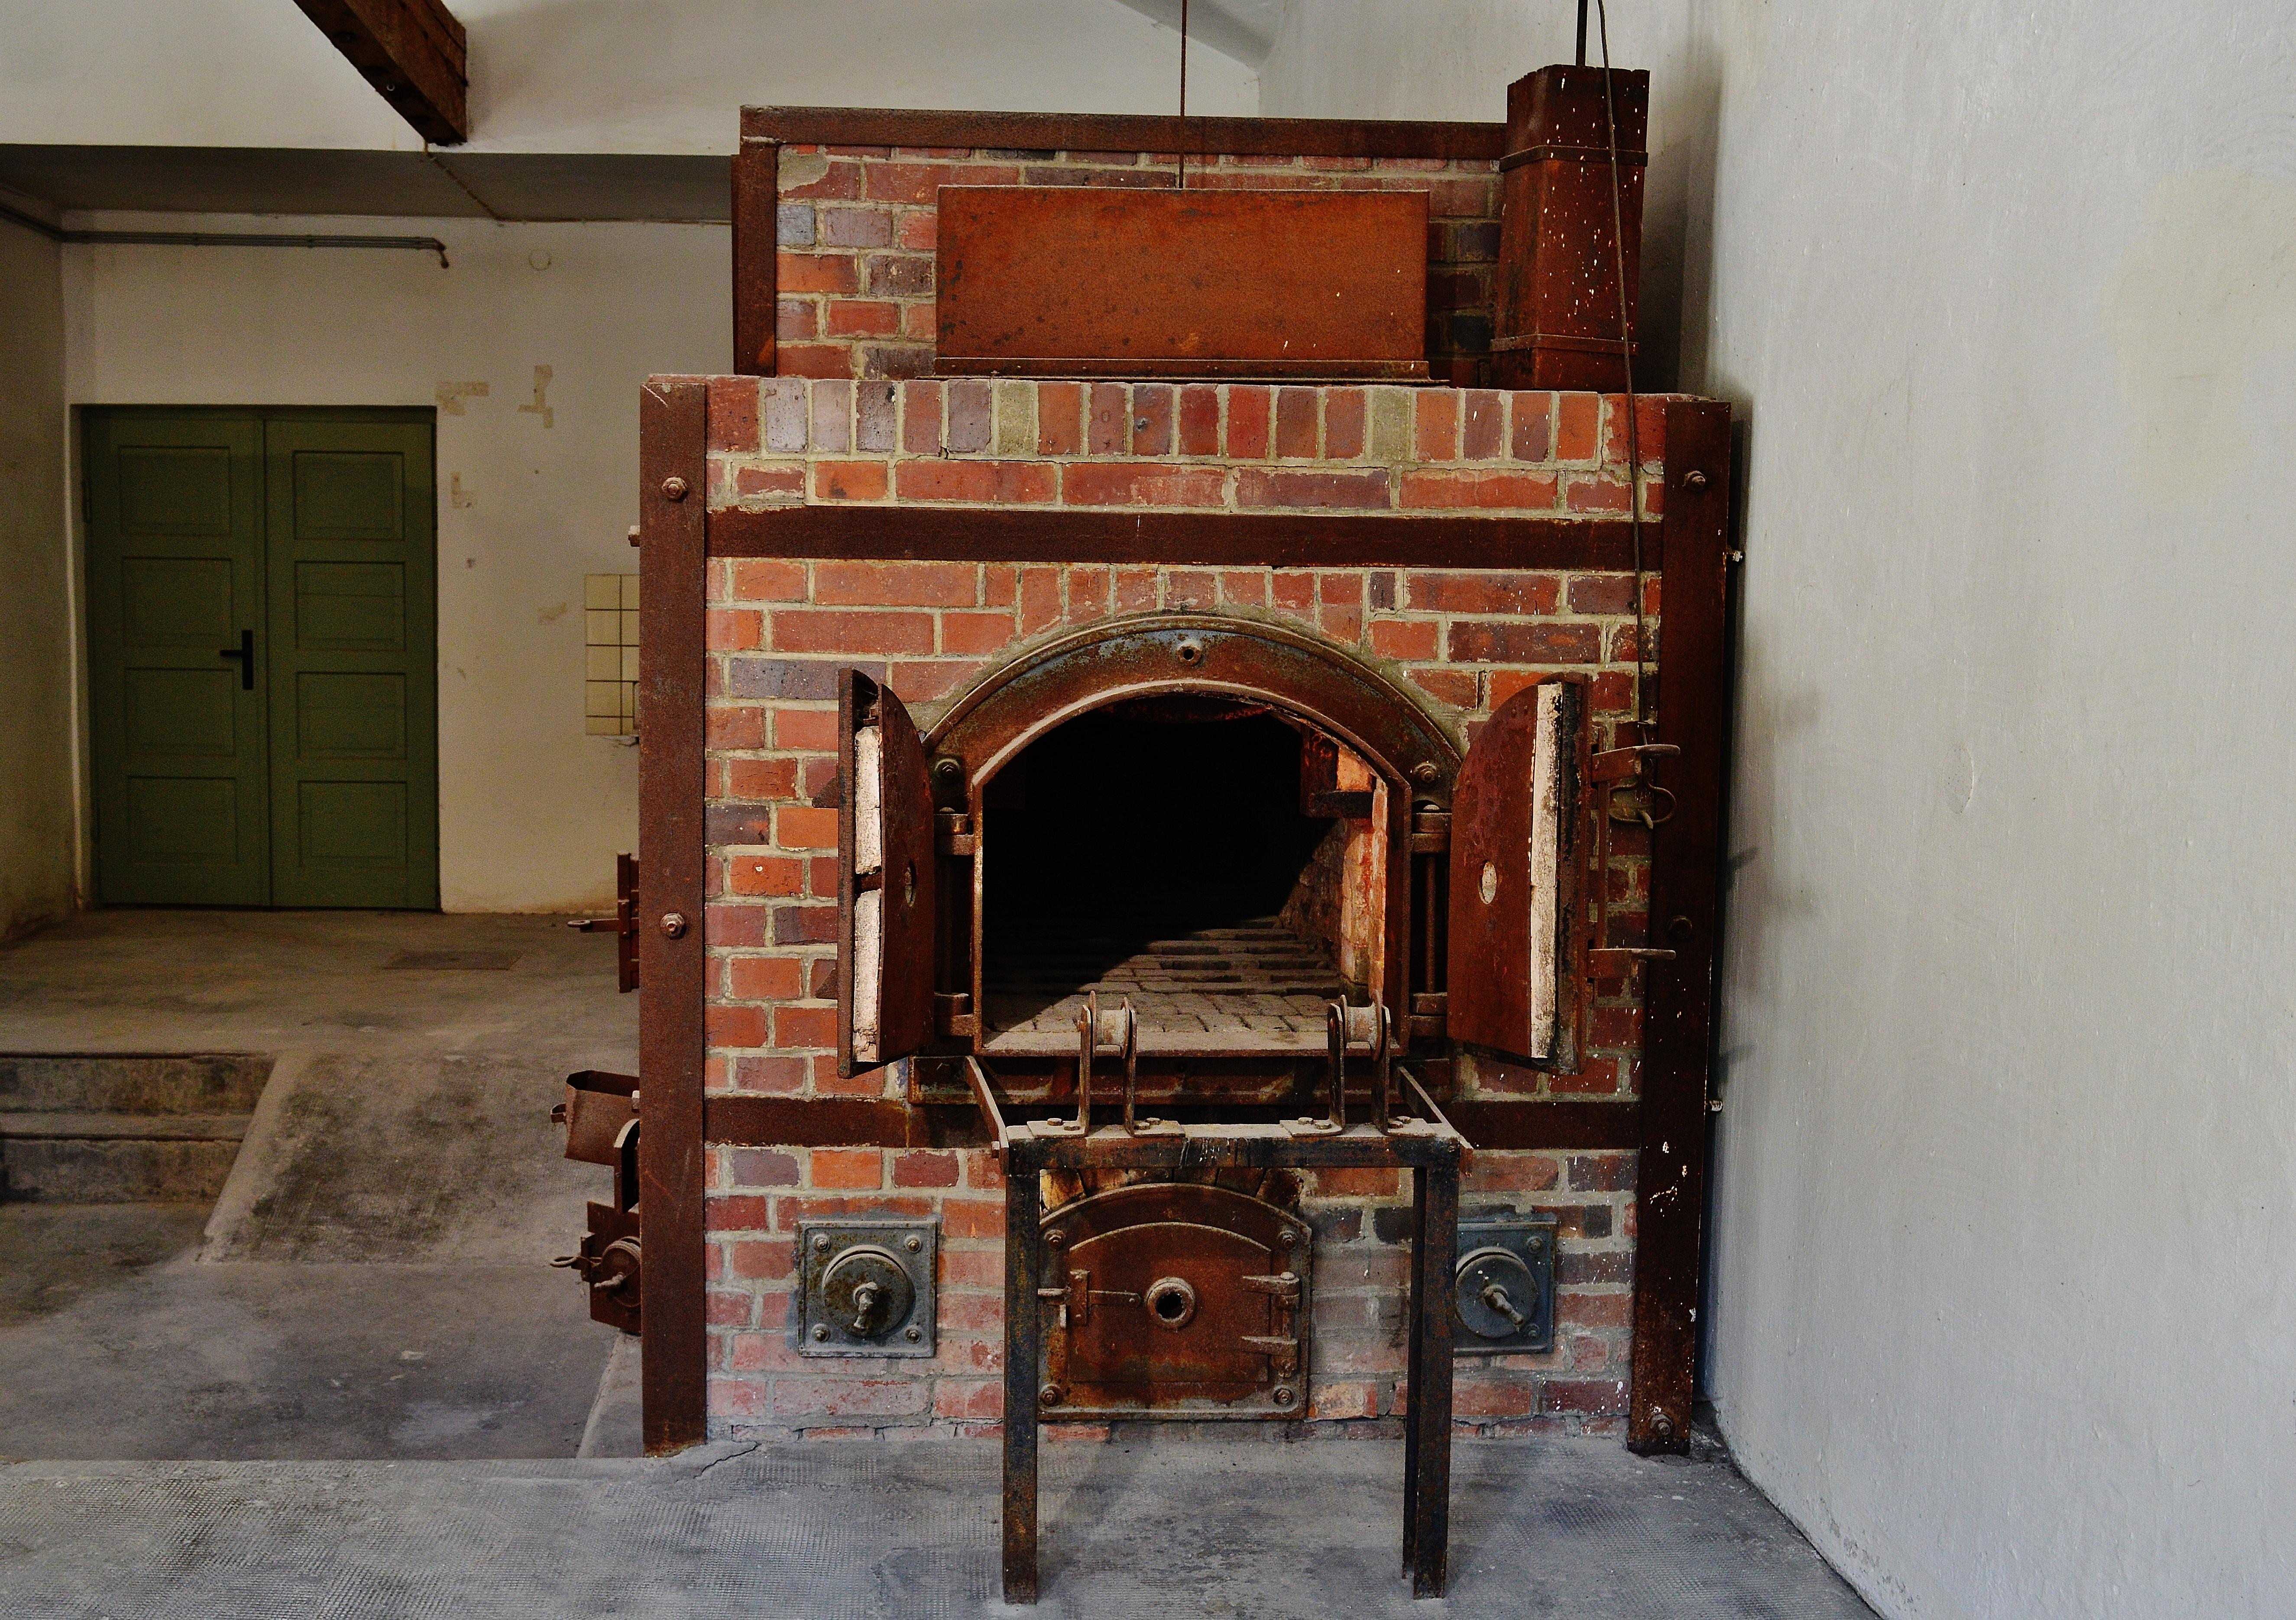 무료 이미지 : 목재, 집, 재산, 방, 죽음, 기념물, 역사, 범죄, 나쁜 ...